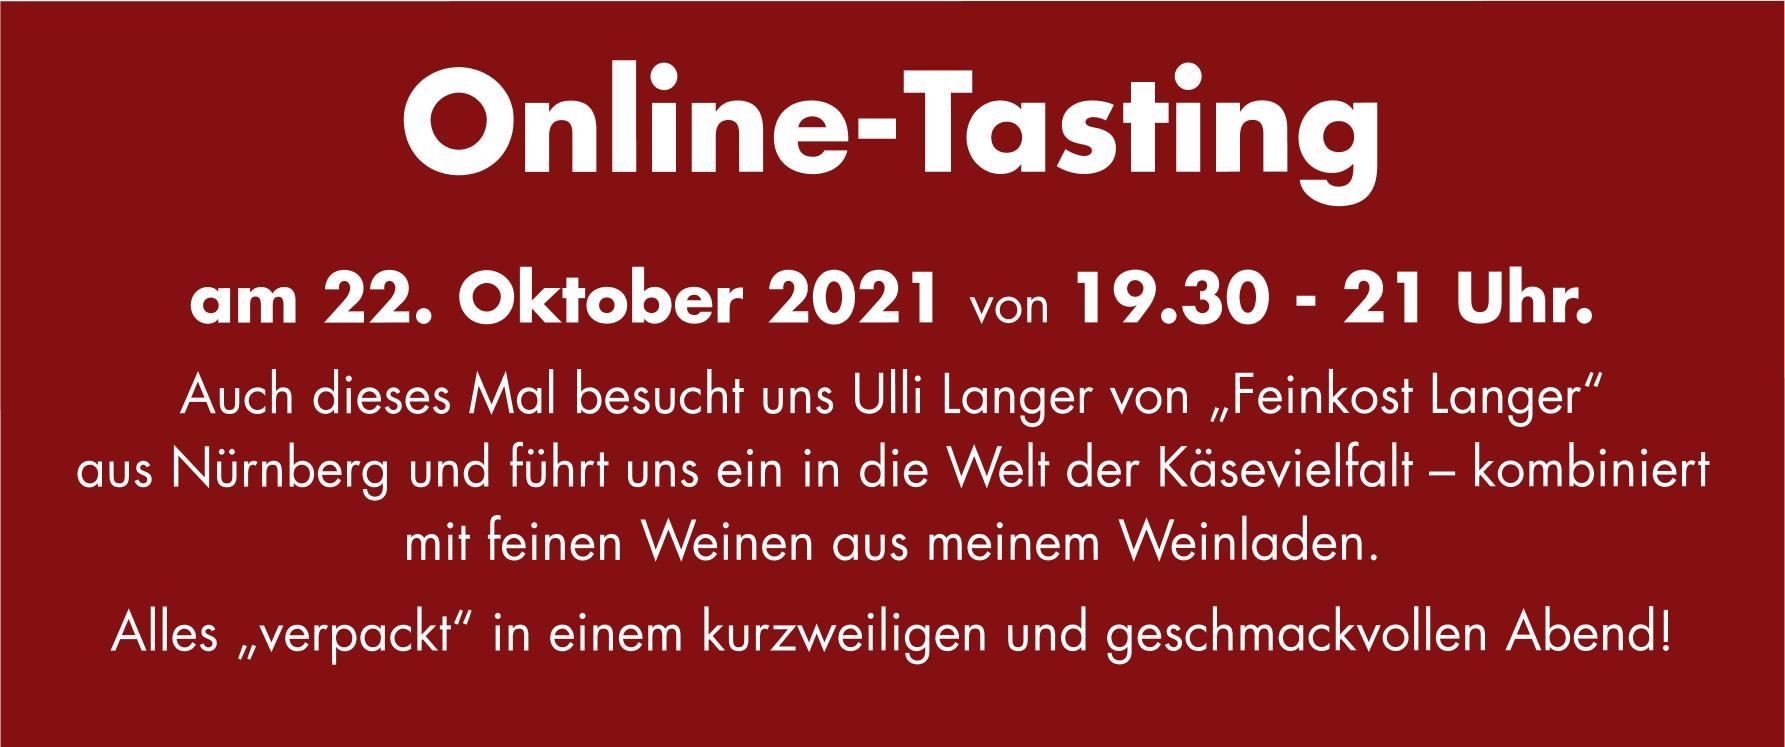 Einladung zum Käse und Wein-Online-Seminar am 22. Oktober